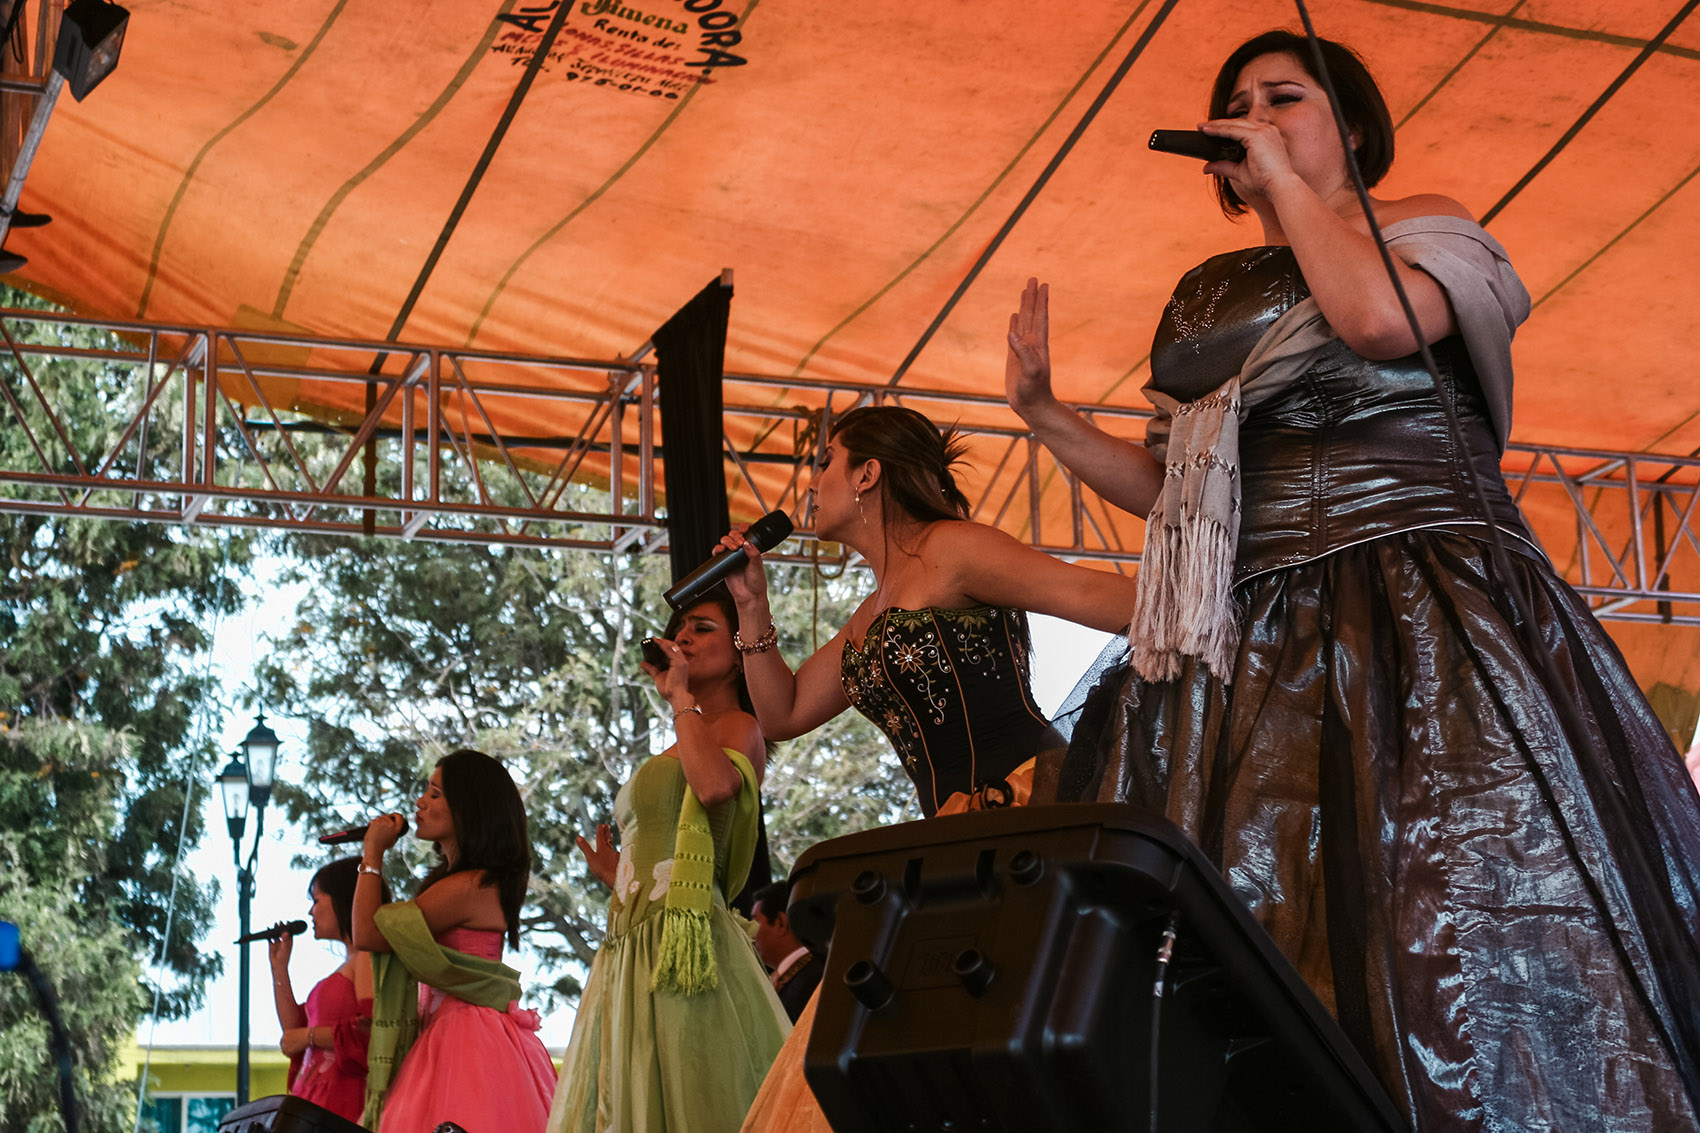 1er Festival Cultural Internacional Musa de Los Volcanes por Ockesaid a.k.a Joel Lugo - Street Photographer